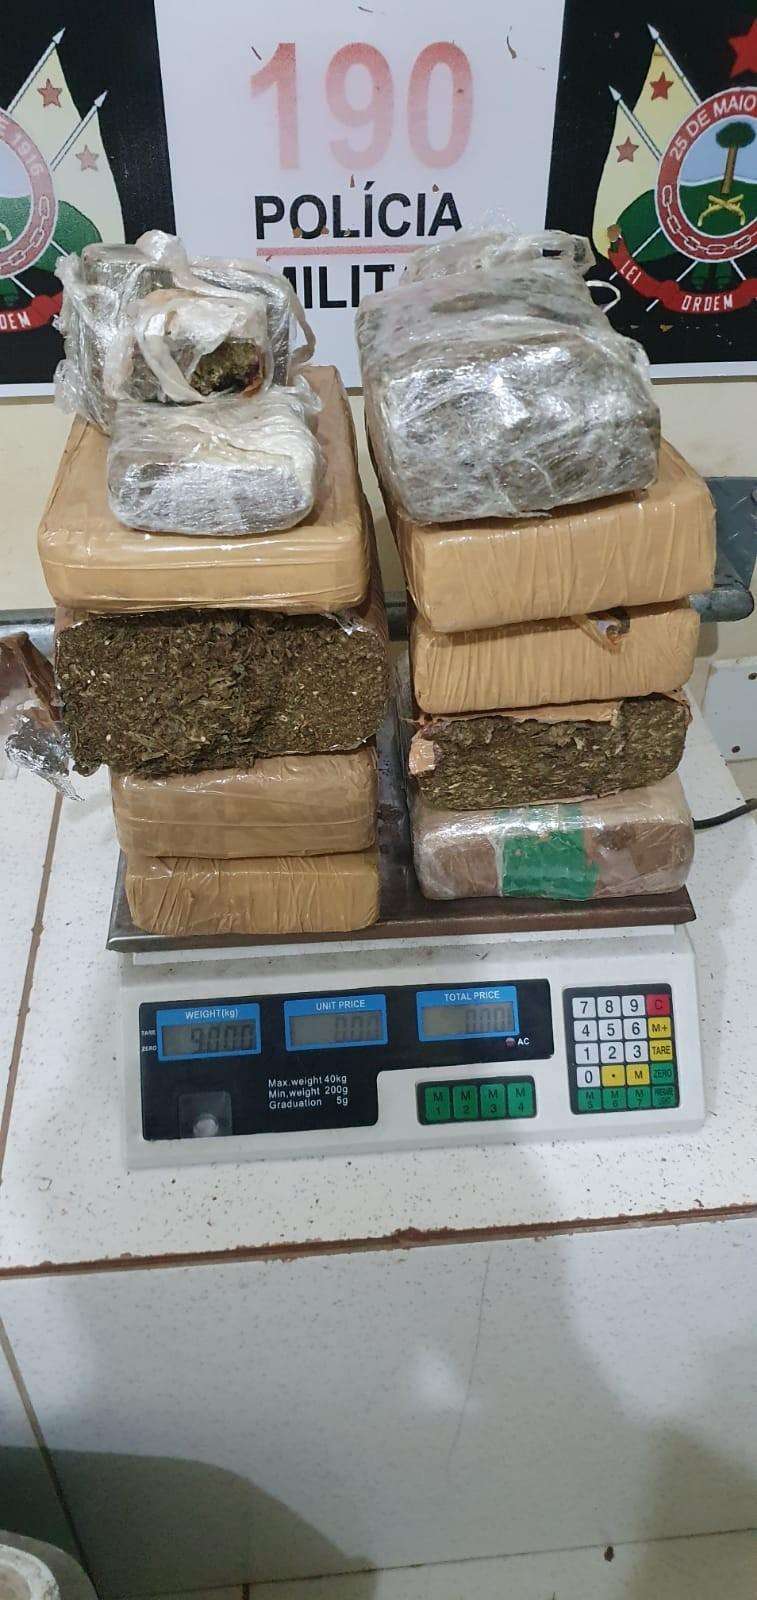 Polícia apreende 9 quilos de maconha durante reunião em casa no Acre